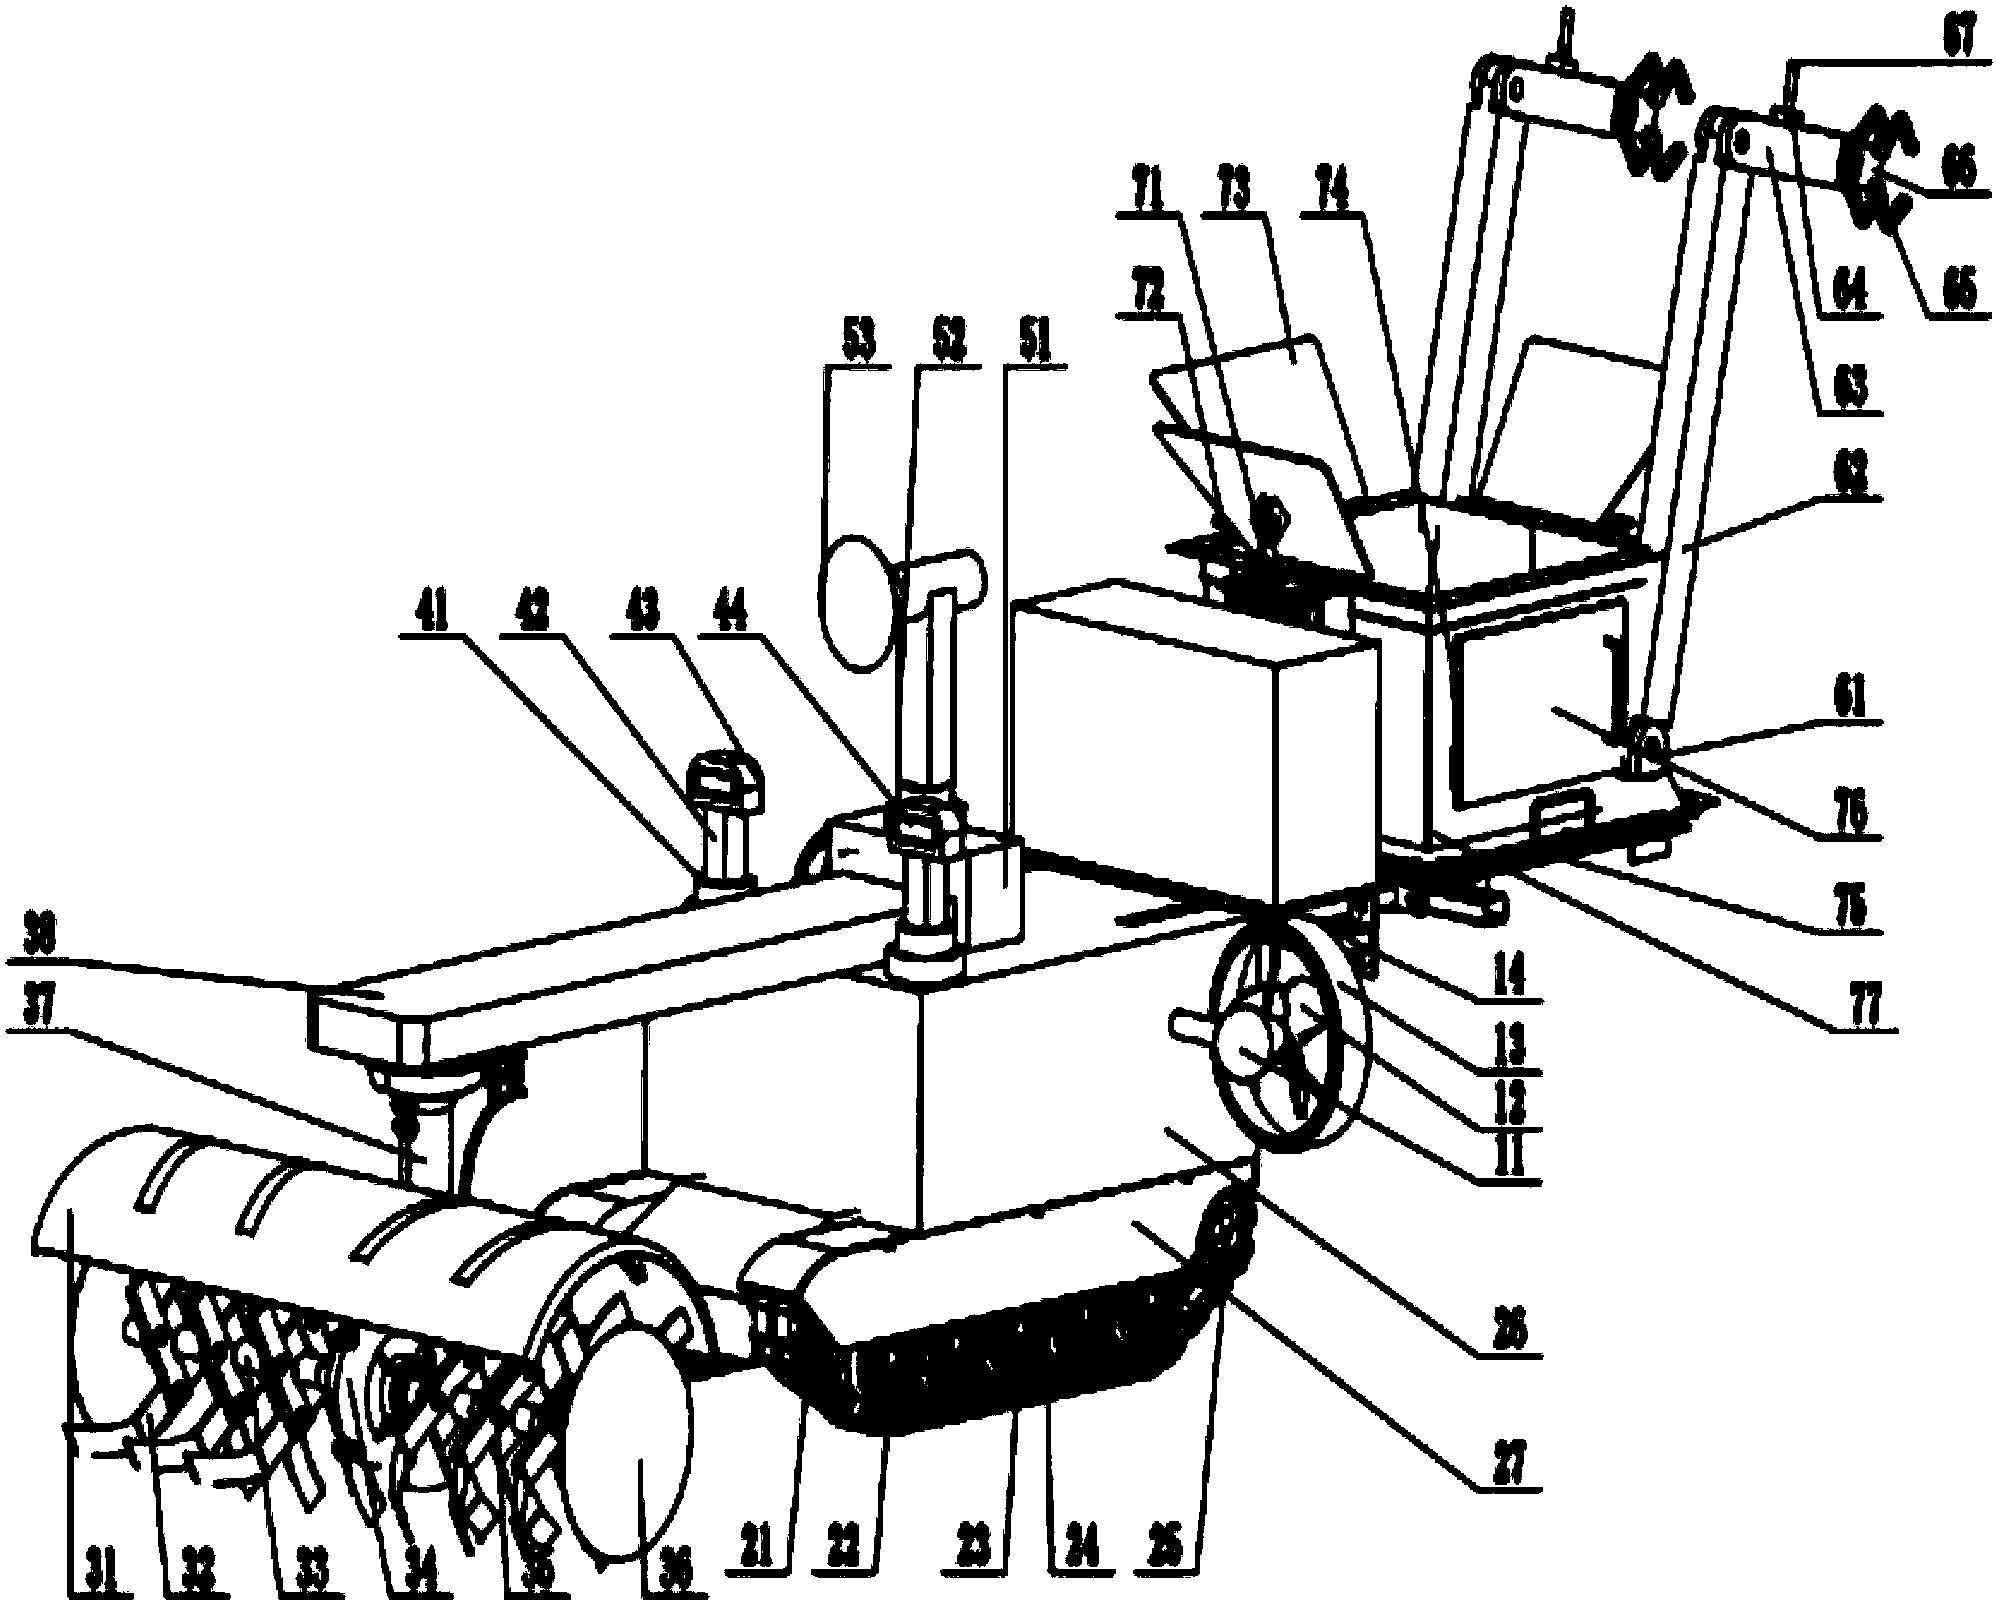 cn108902064a_一种基于机器视觉技术的贝类捕捞装置在审